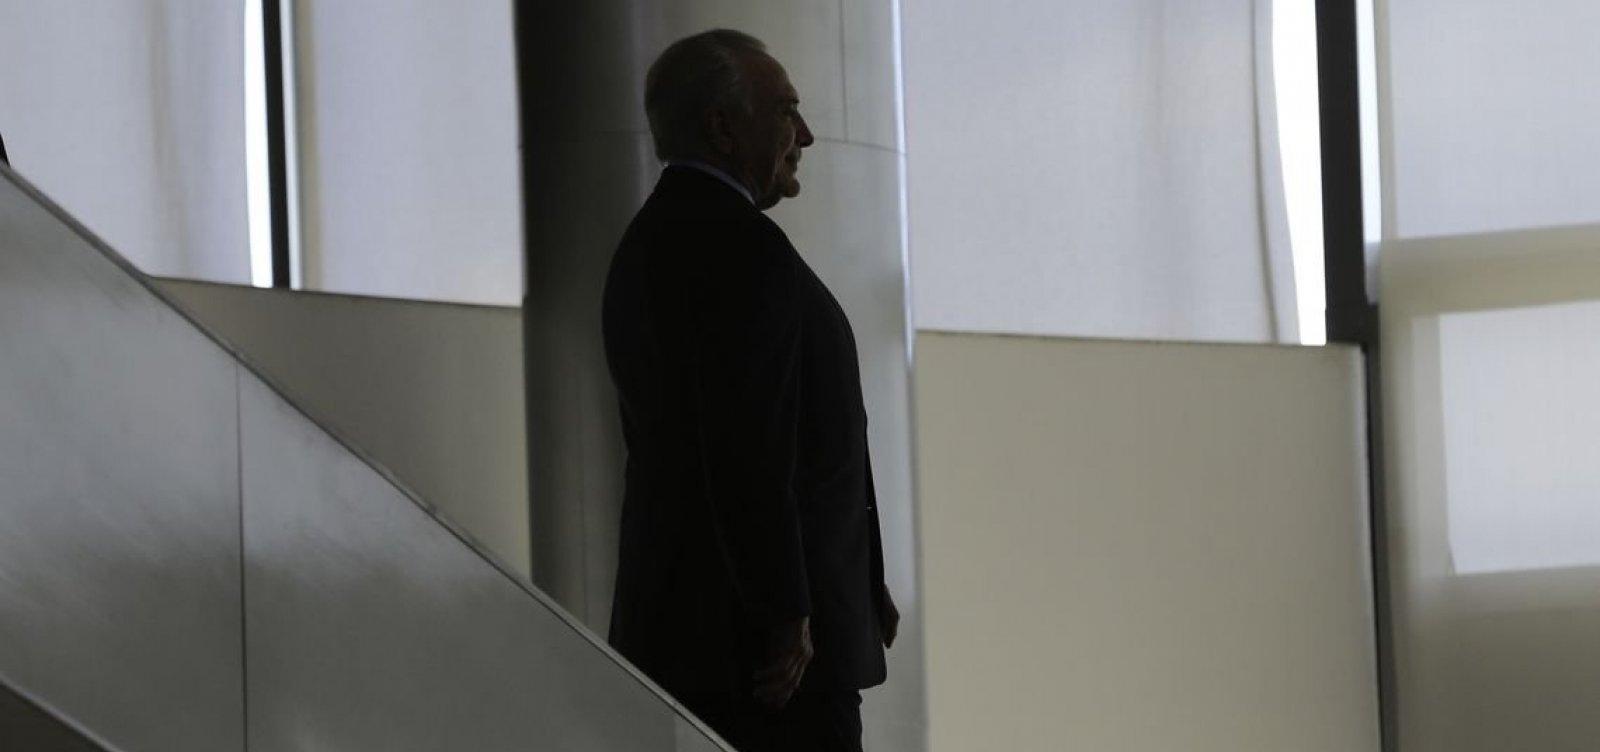 [Justiça determina bloqueio de R$ 32,6 milhões de Temer, Lima e sócio]